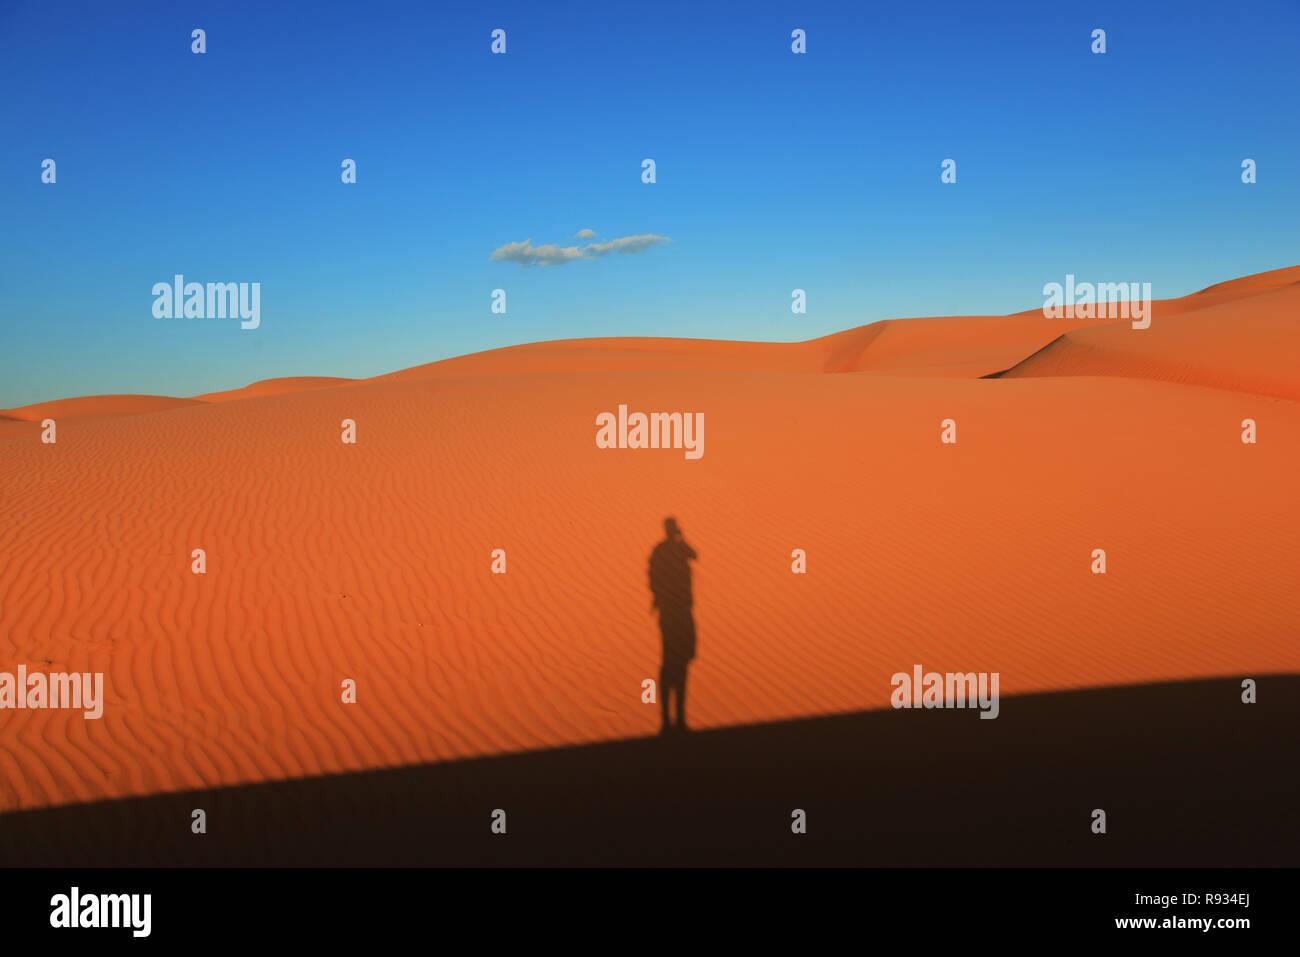 Les sables bitumineux Sharqiya ( Wahiba Sands ) en Oman. Banque D'Images